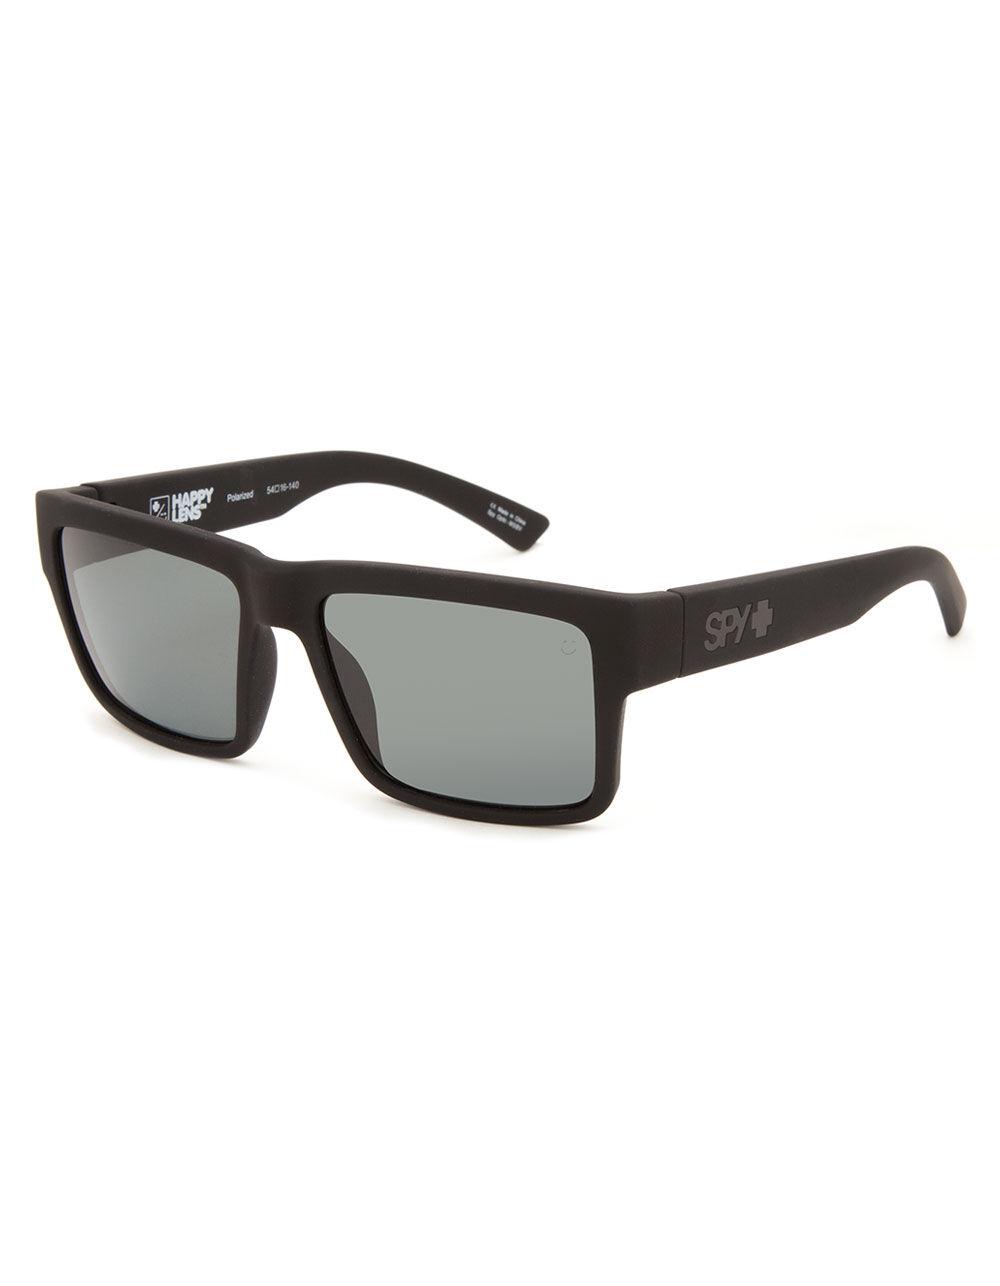 SPY Happy Lens Montana Polarized Sunglasses